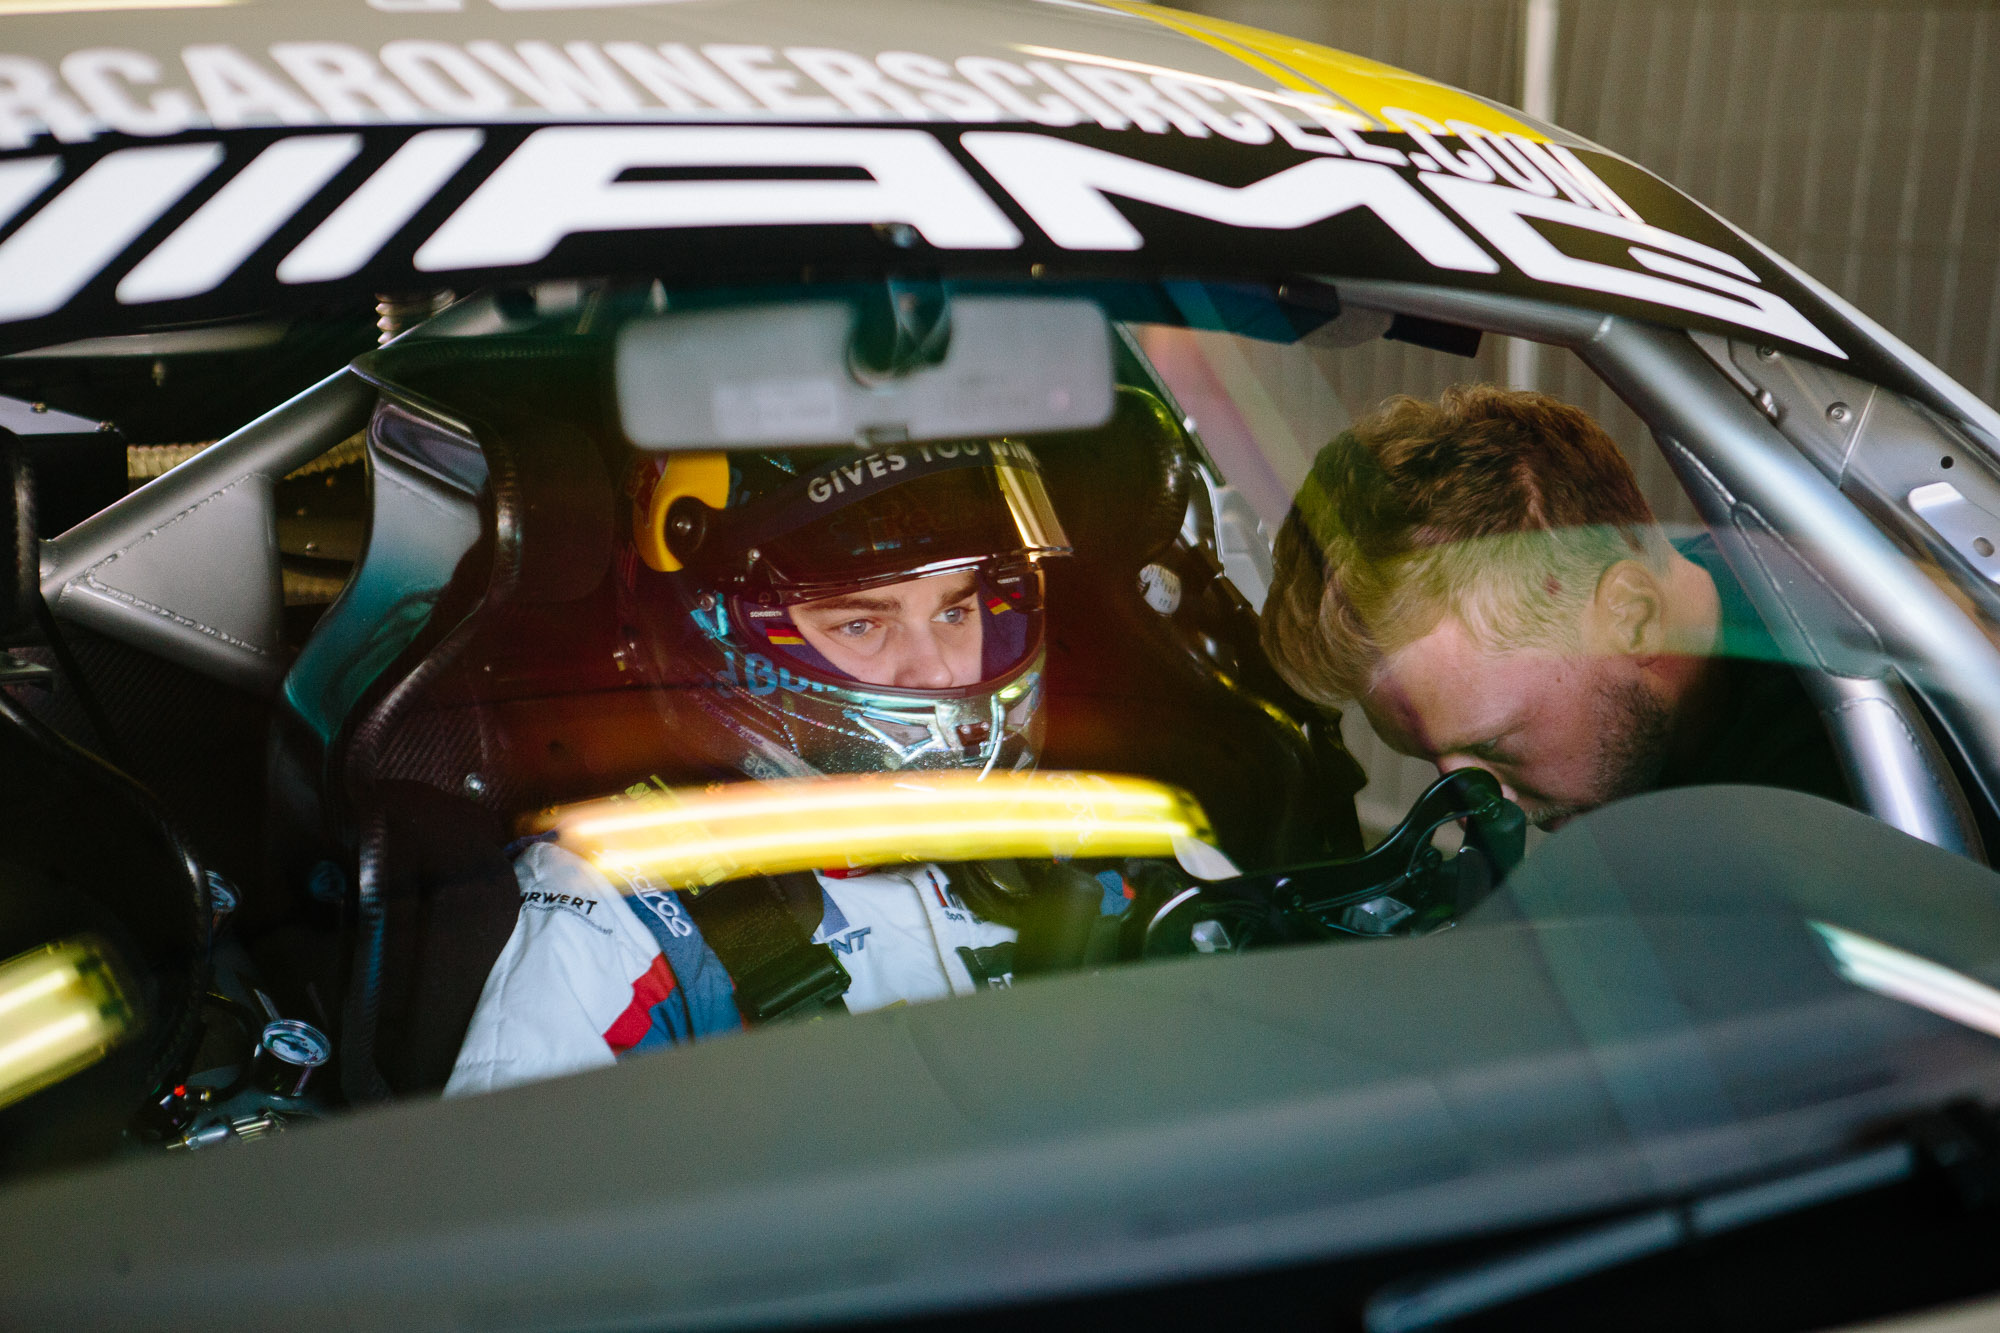 Gamma-Racing-Days-@maximkuijper (10 van 29).jpg